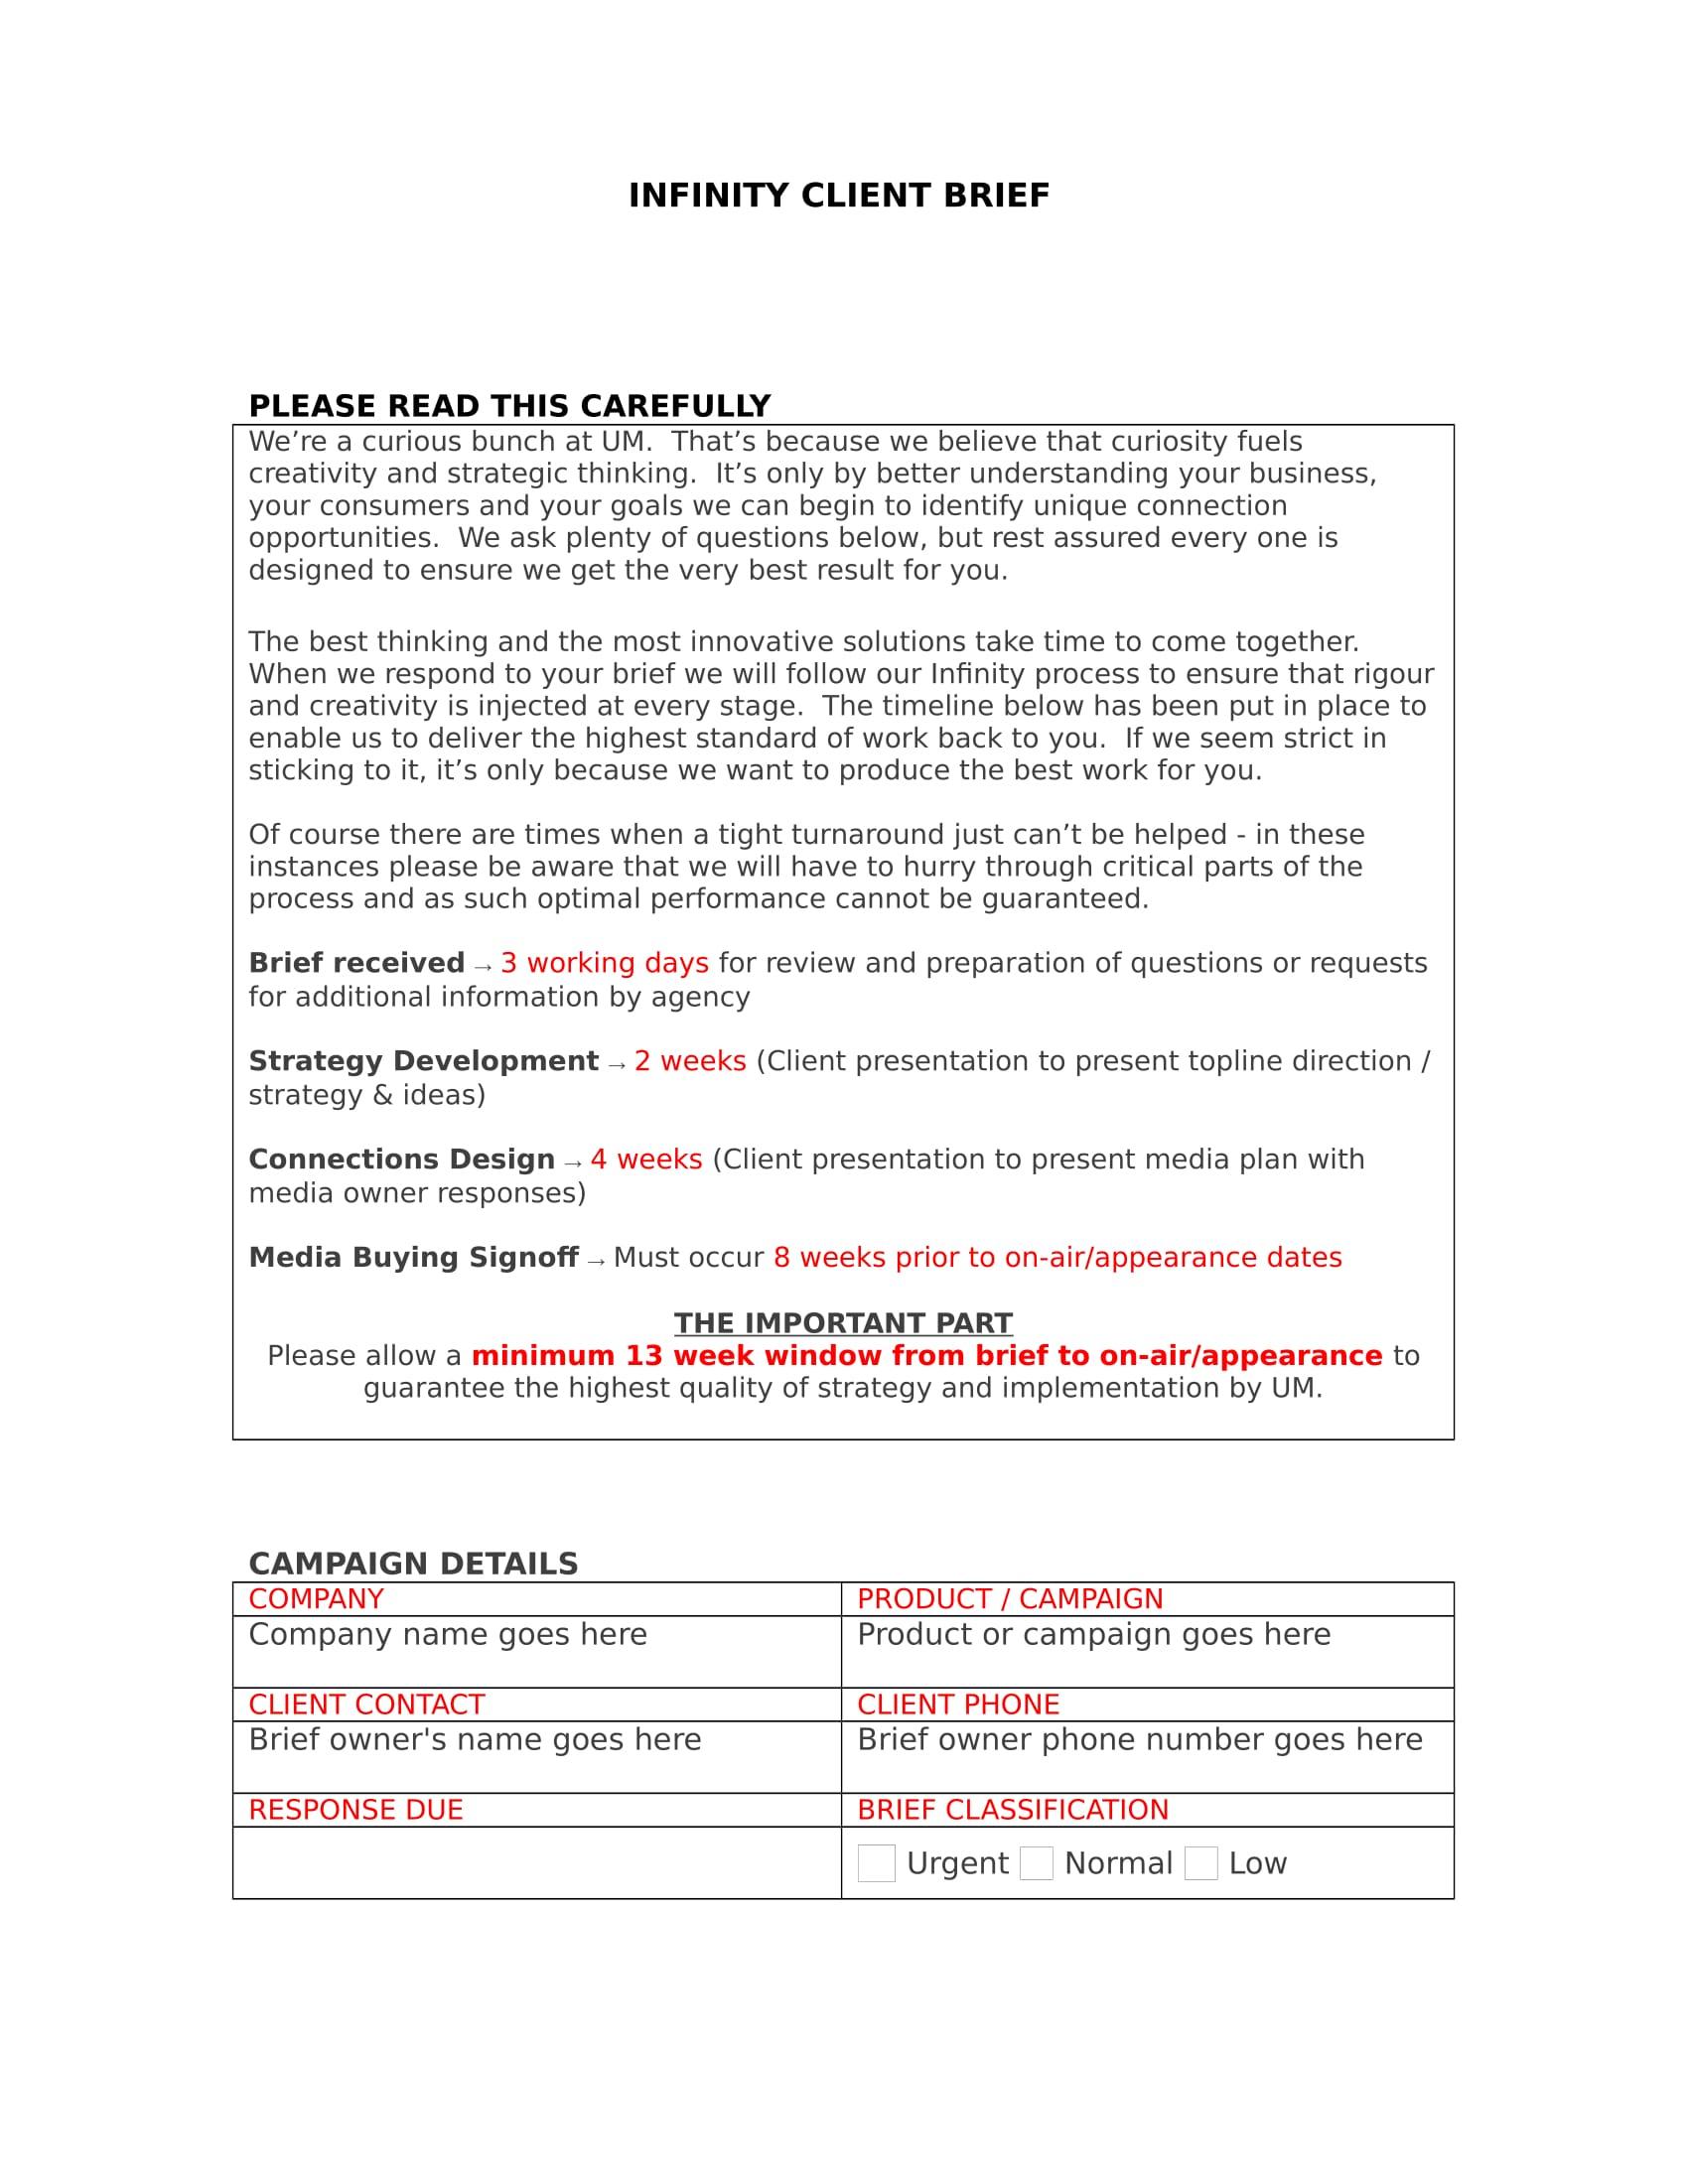 how to write tribunal nsw document